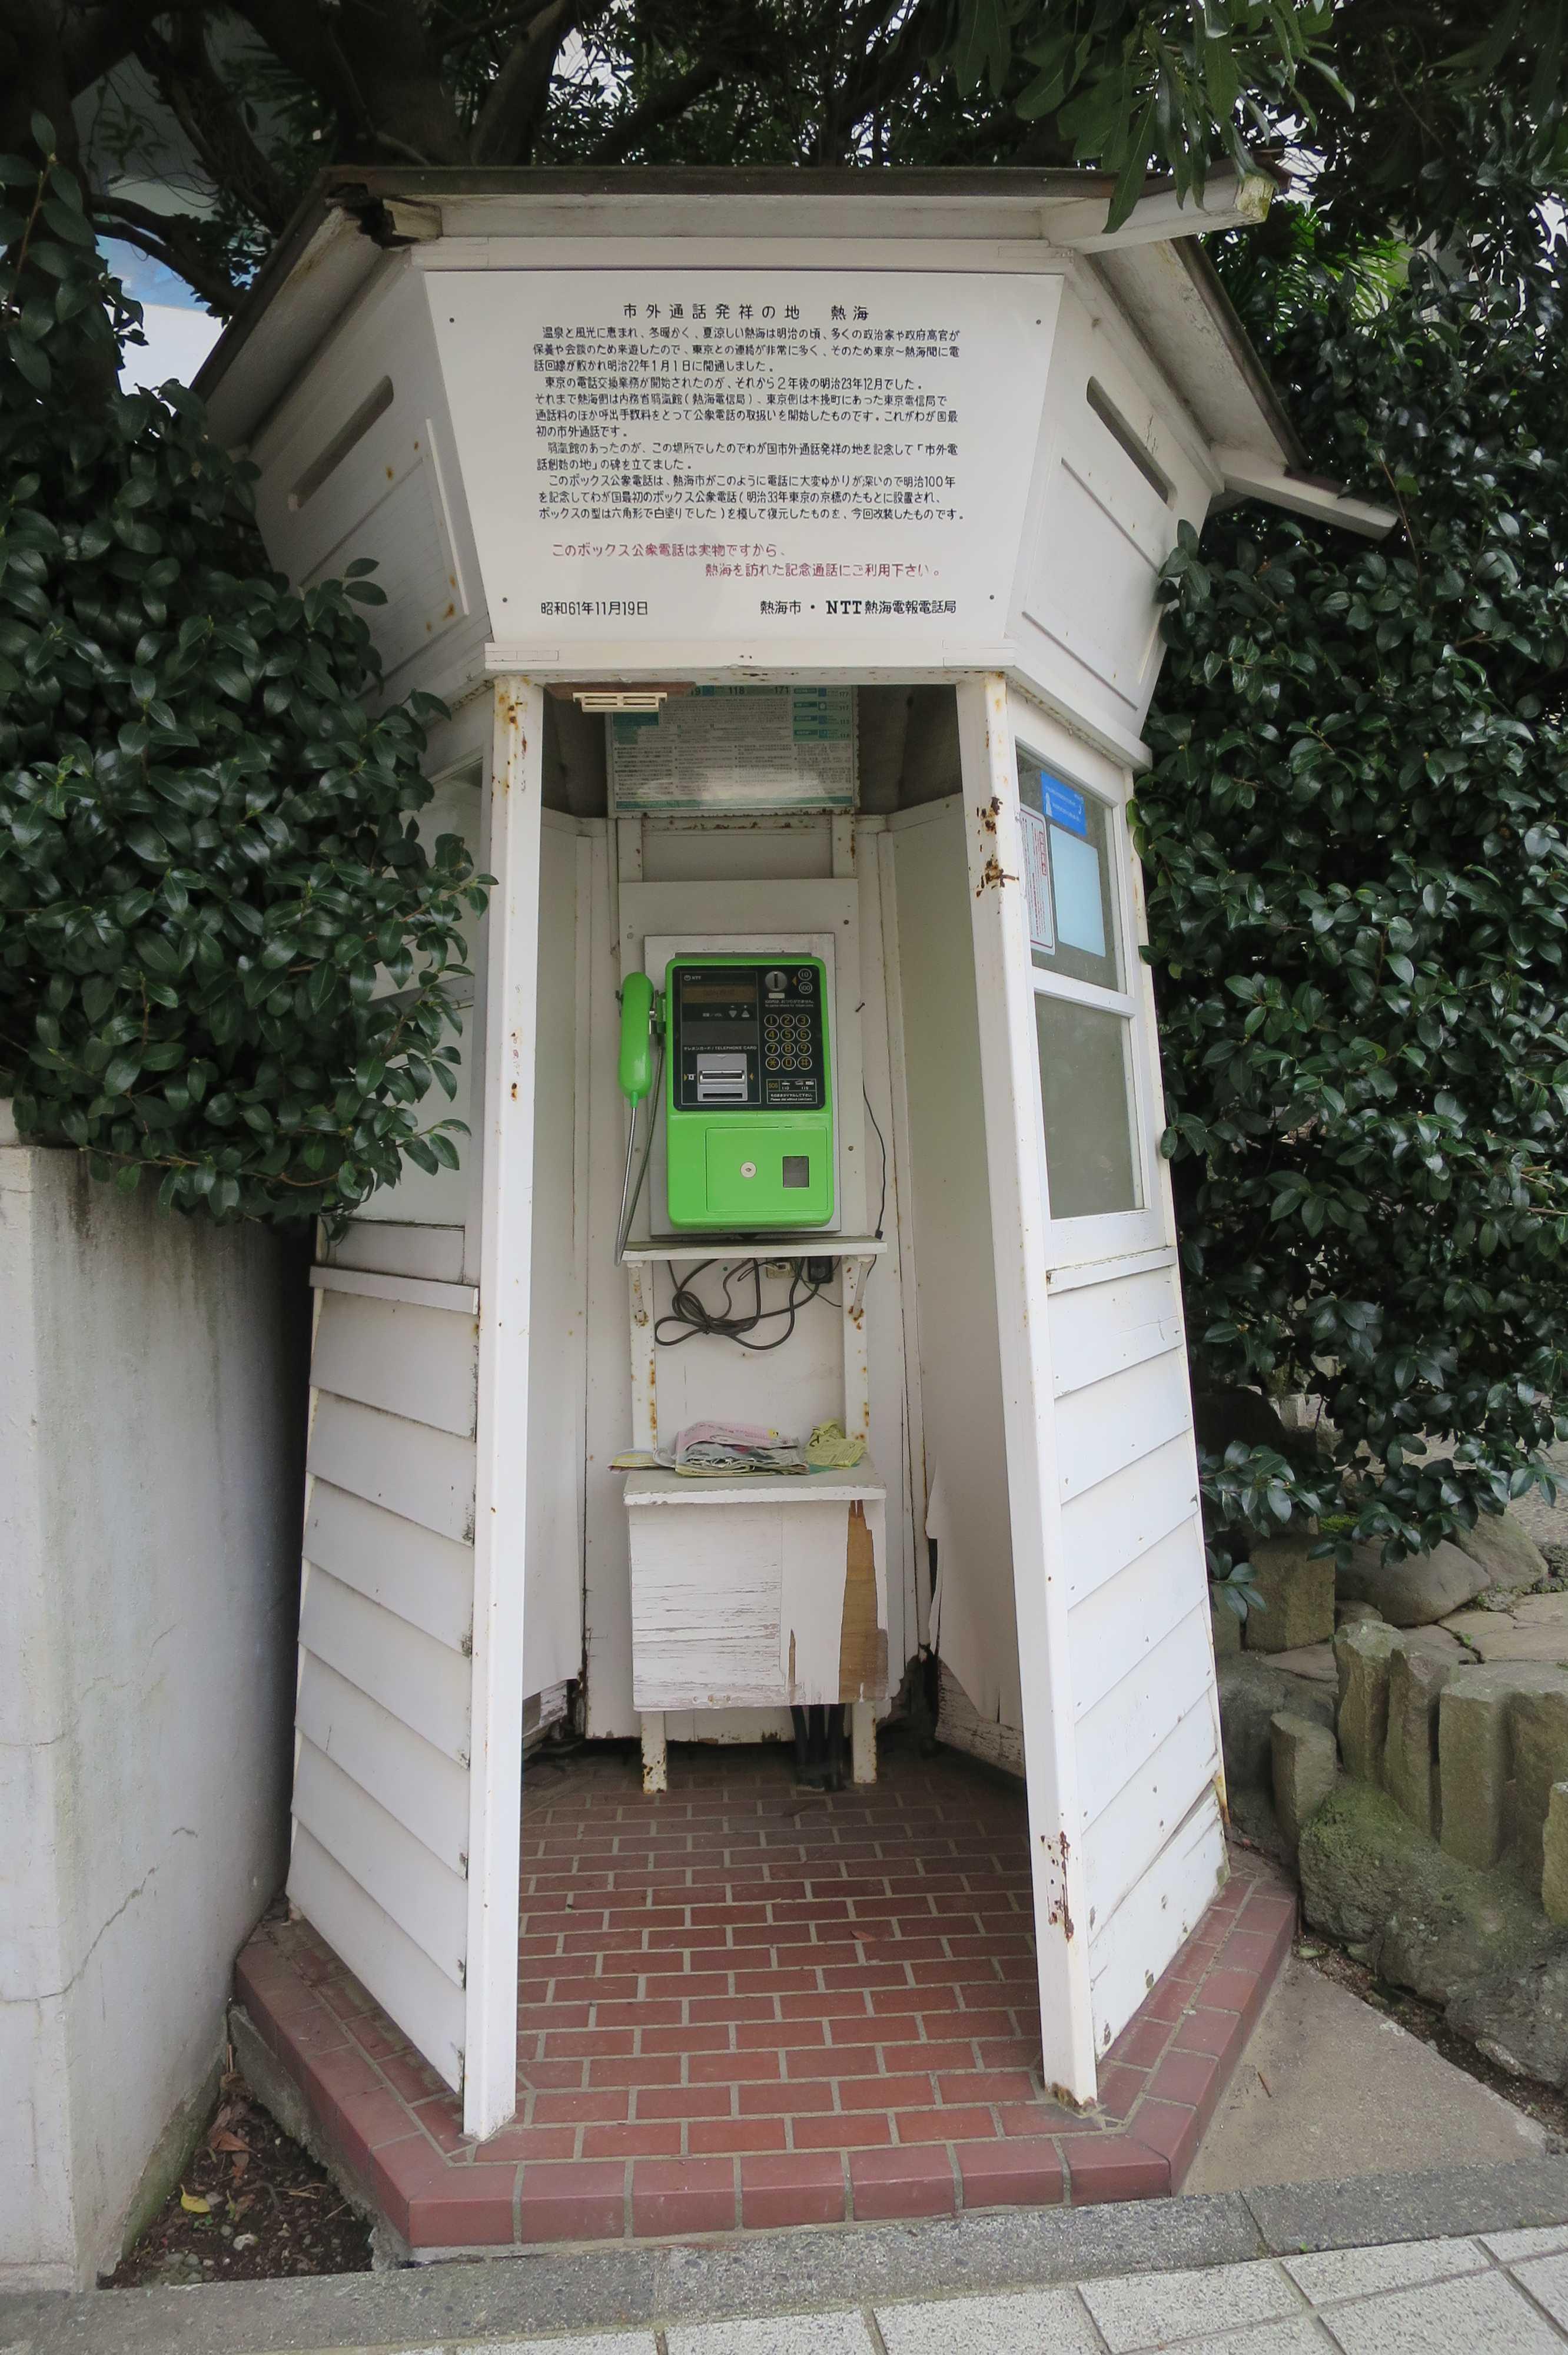 市外通話発祥の地 熱海 - 日本初のボックス公衆電話